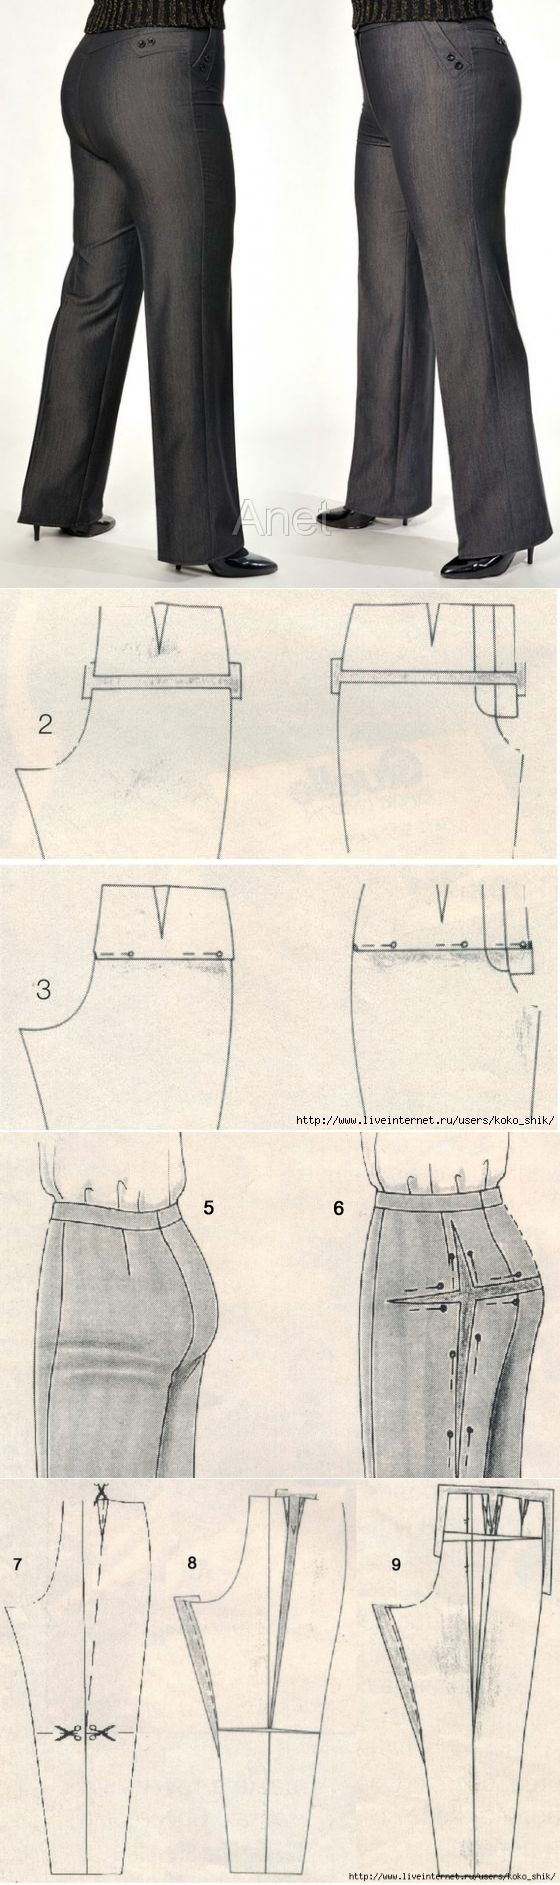 Ajuste los Pantalones del modelo. Para los pantalones sentado muy bien